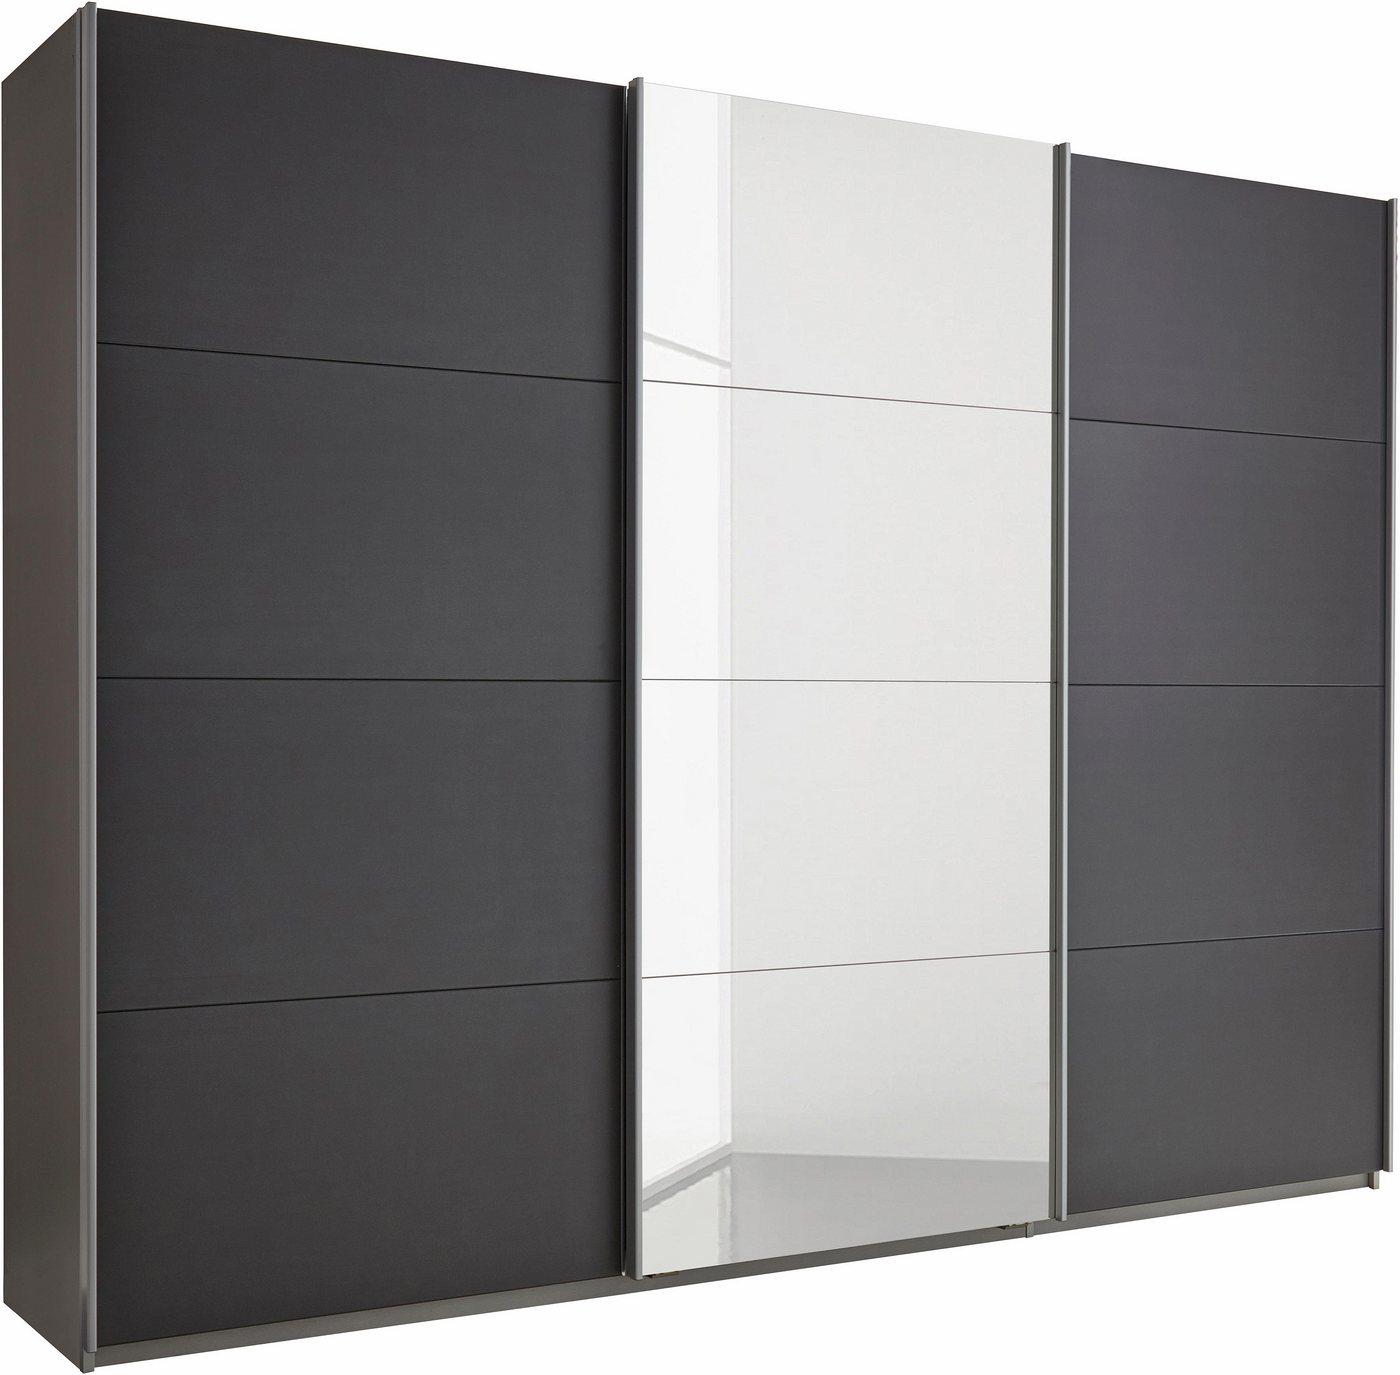 Zweefdeurkast »Dobene«, inclusief lade-inzet en losse planken